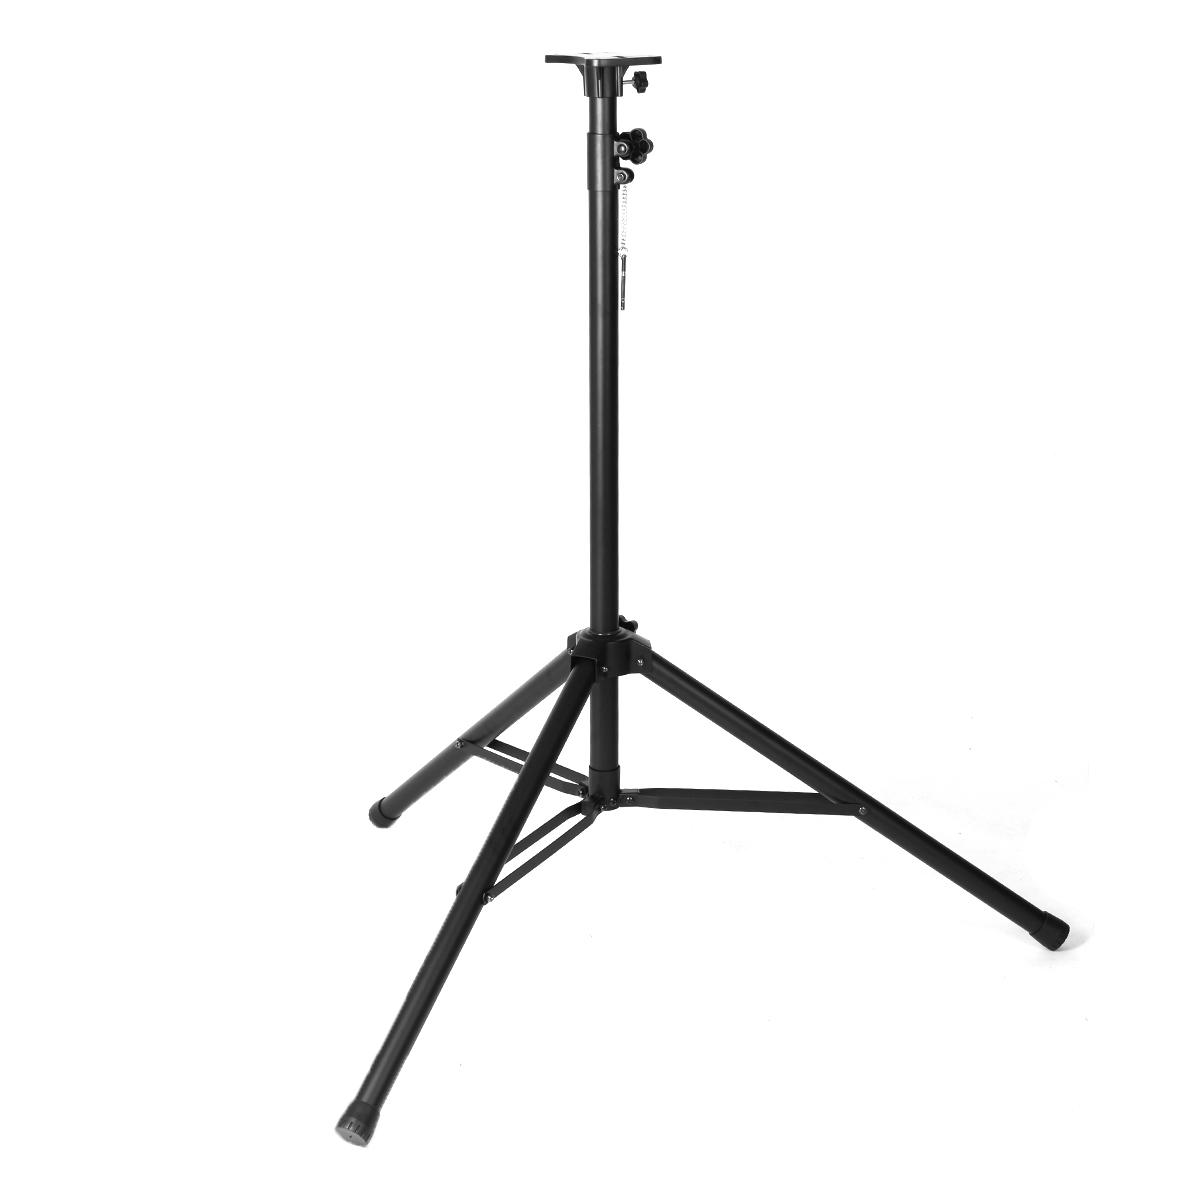 Dj Universal Adjustable Speaker Projector Stand Holder